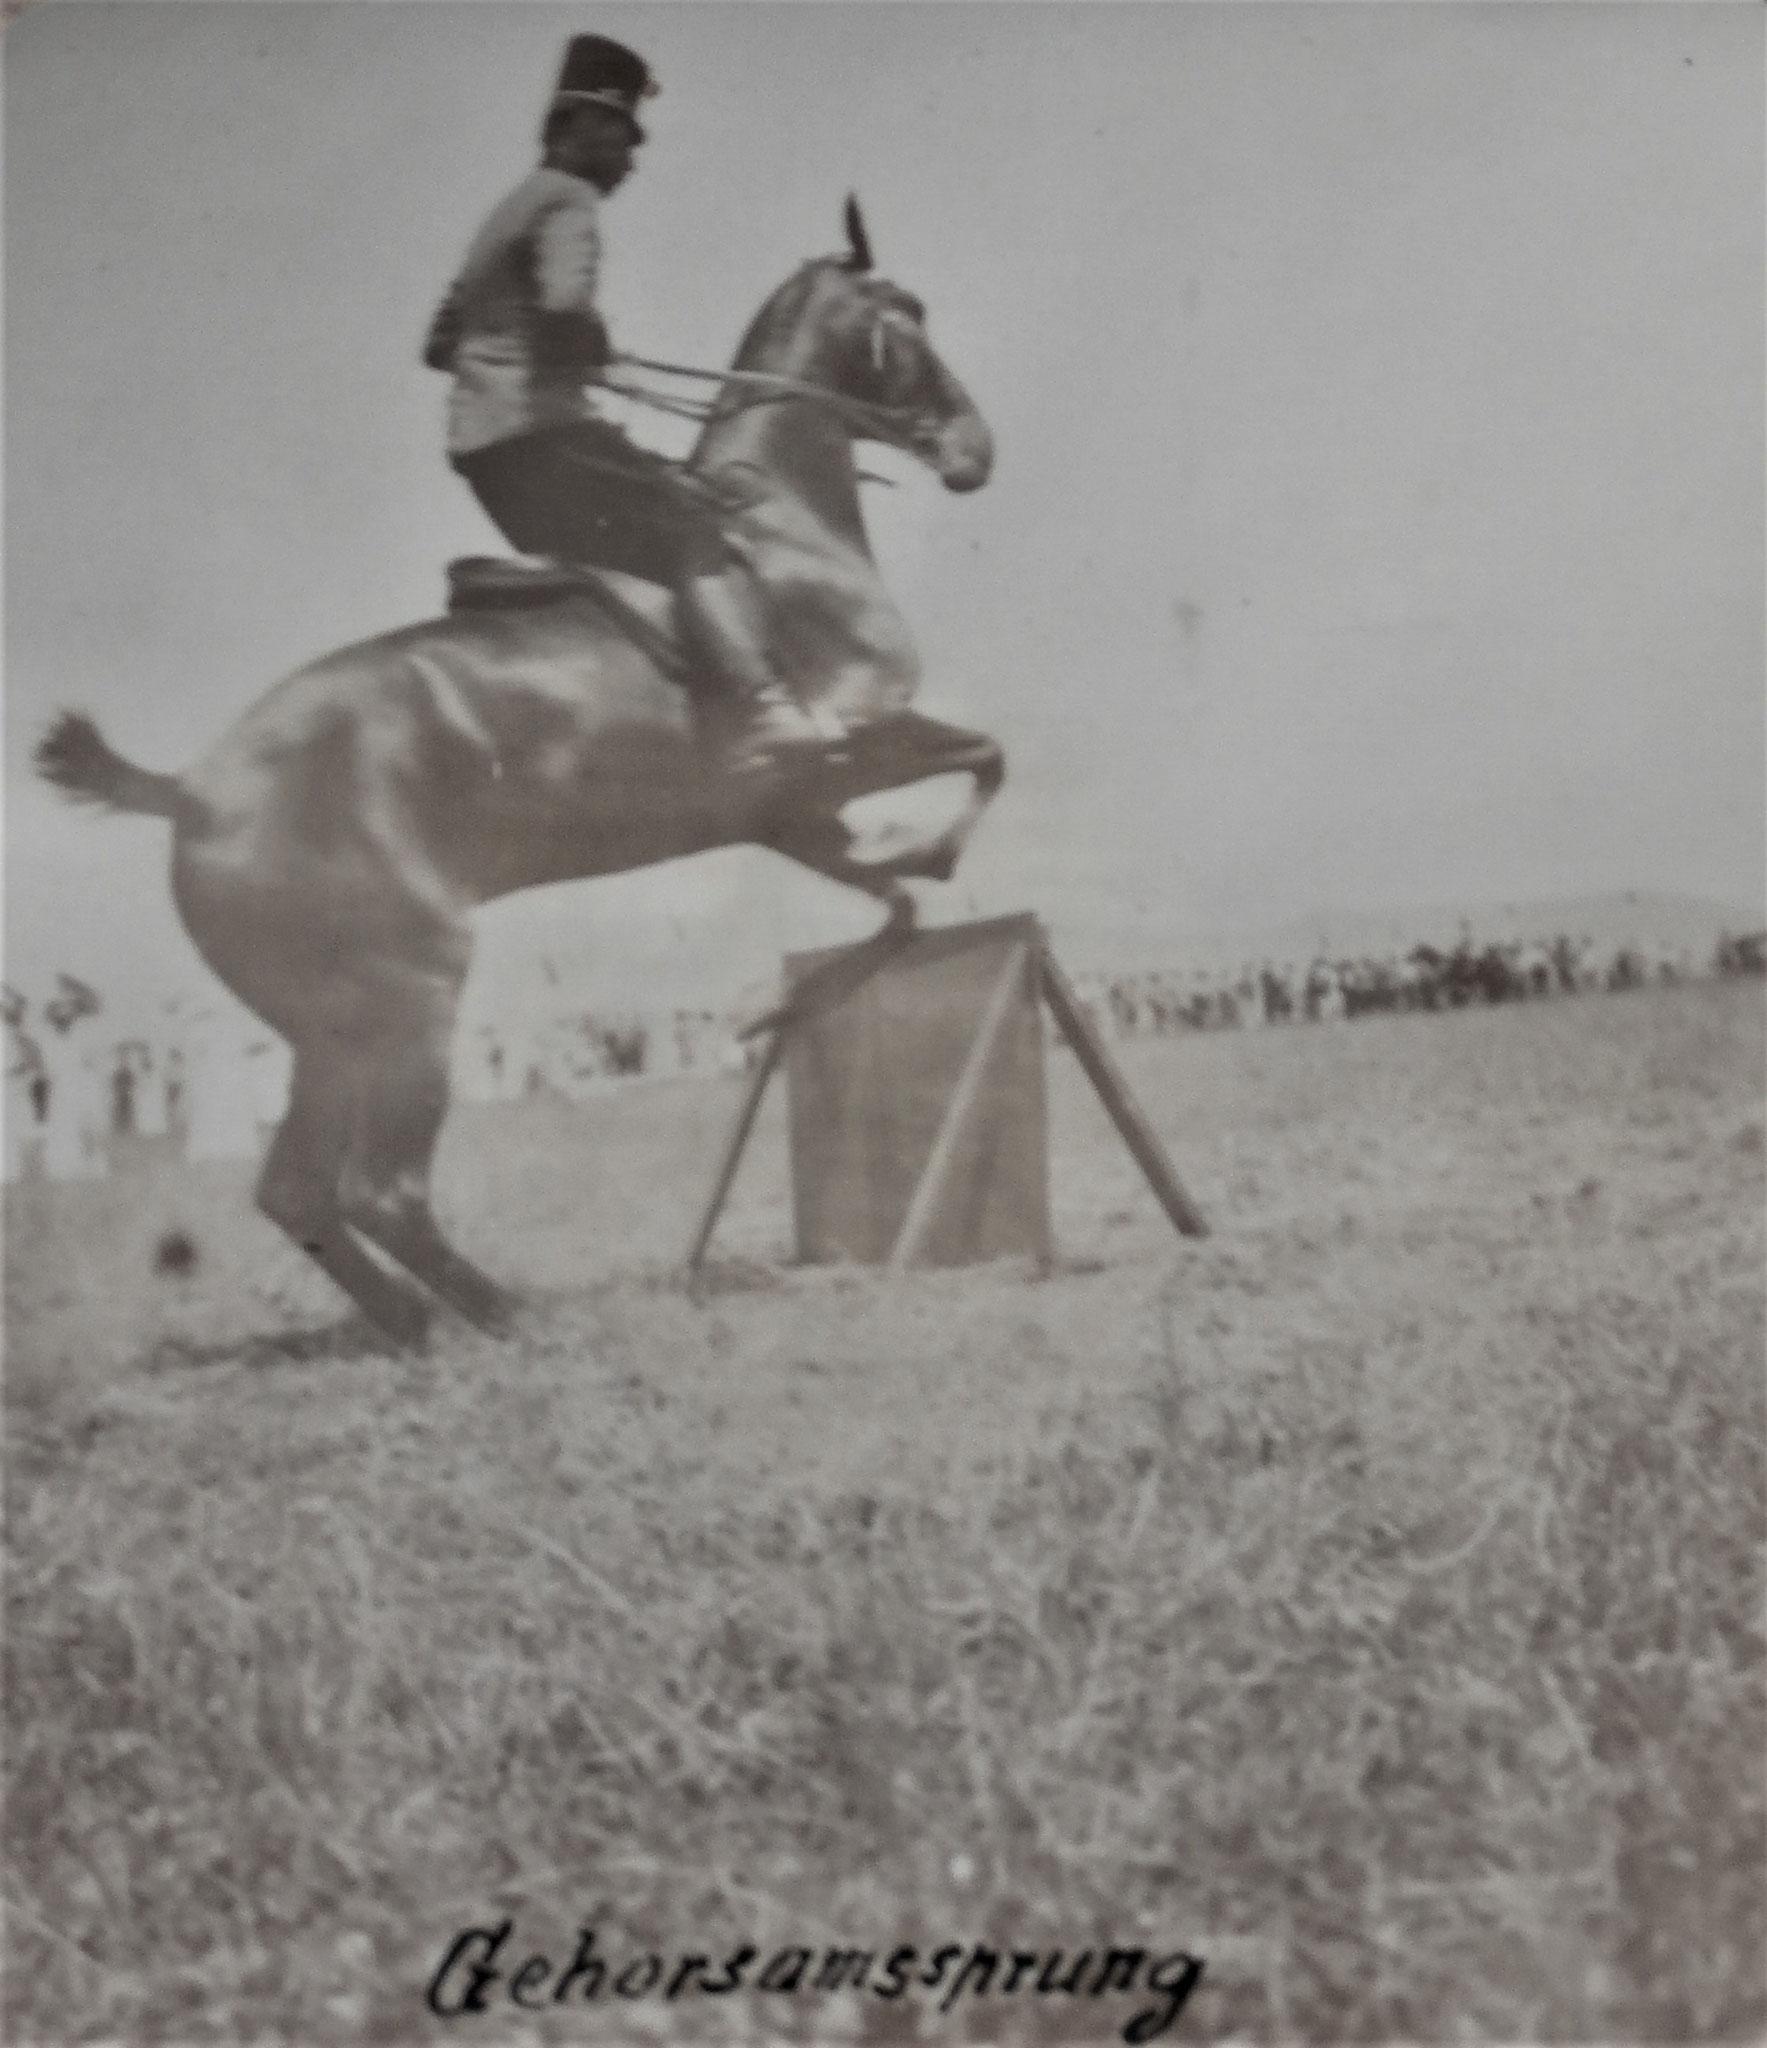 Oberleutnant Baron Pielsticker